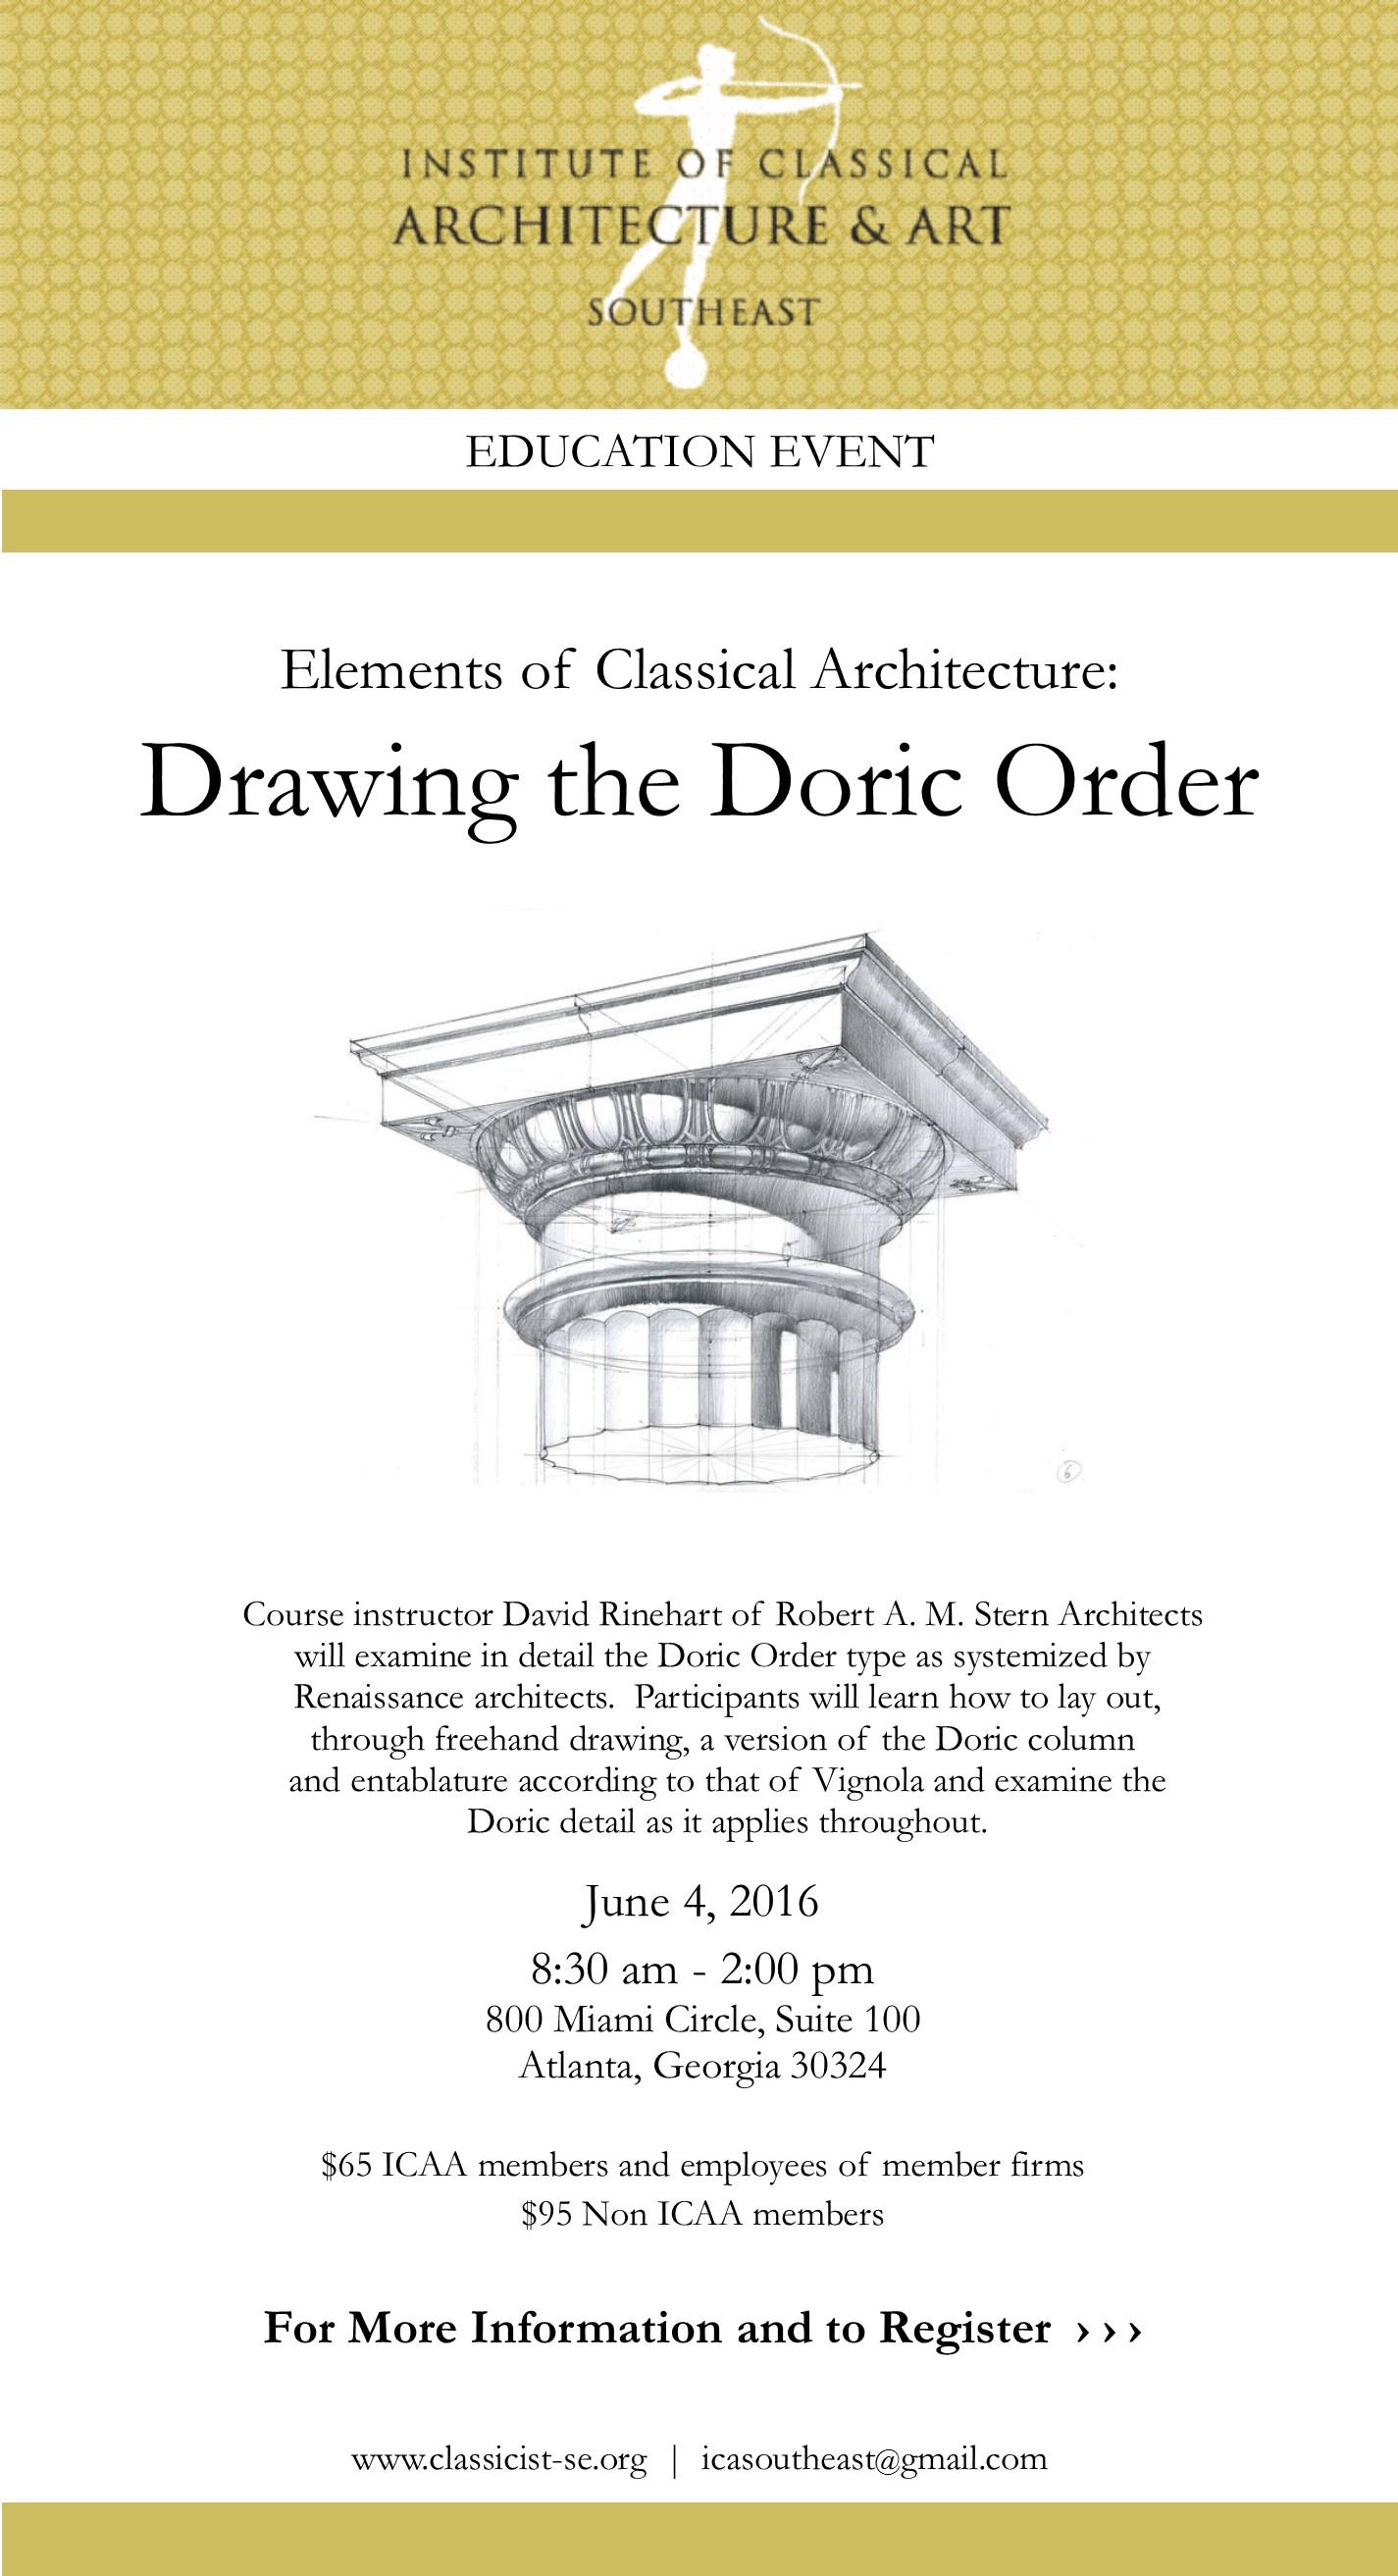 Rinehart_Doric Order 6.4.16